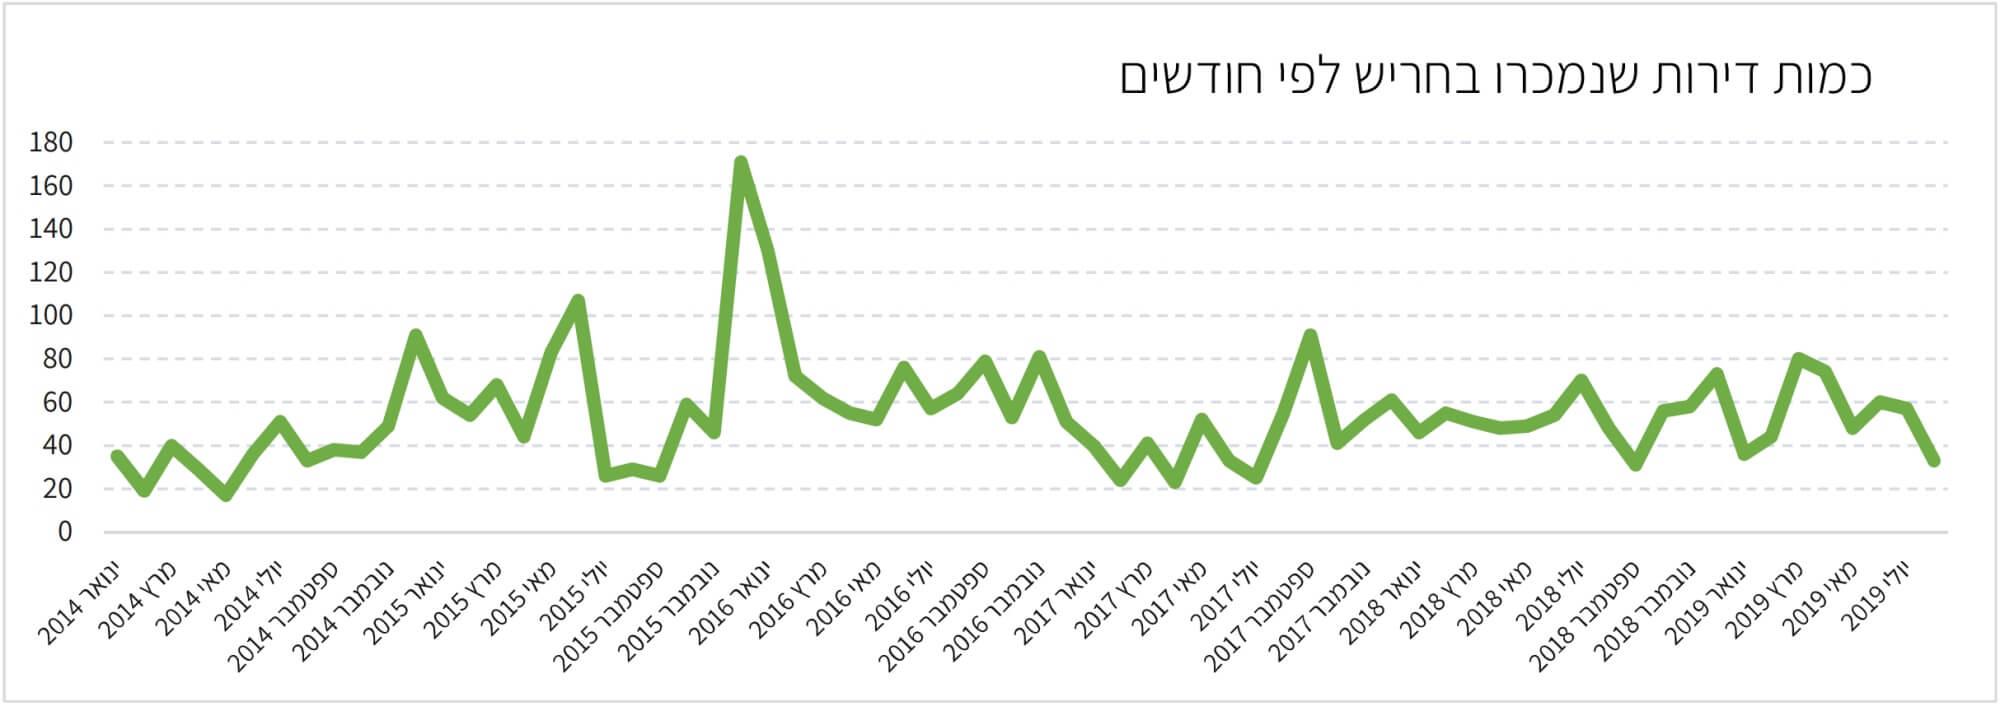 מכירות דירות בחריש 2014-2019